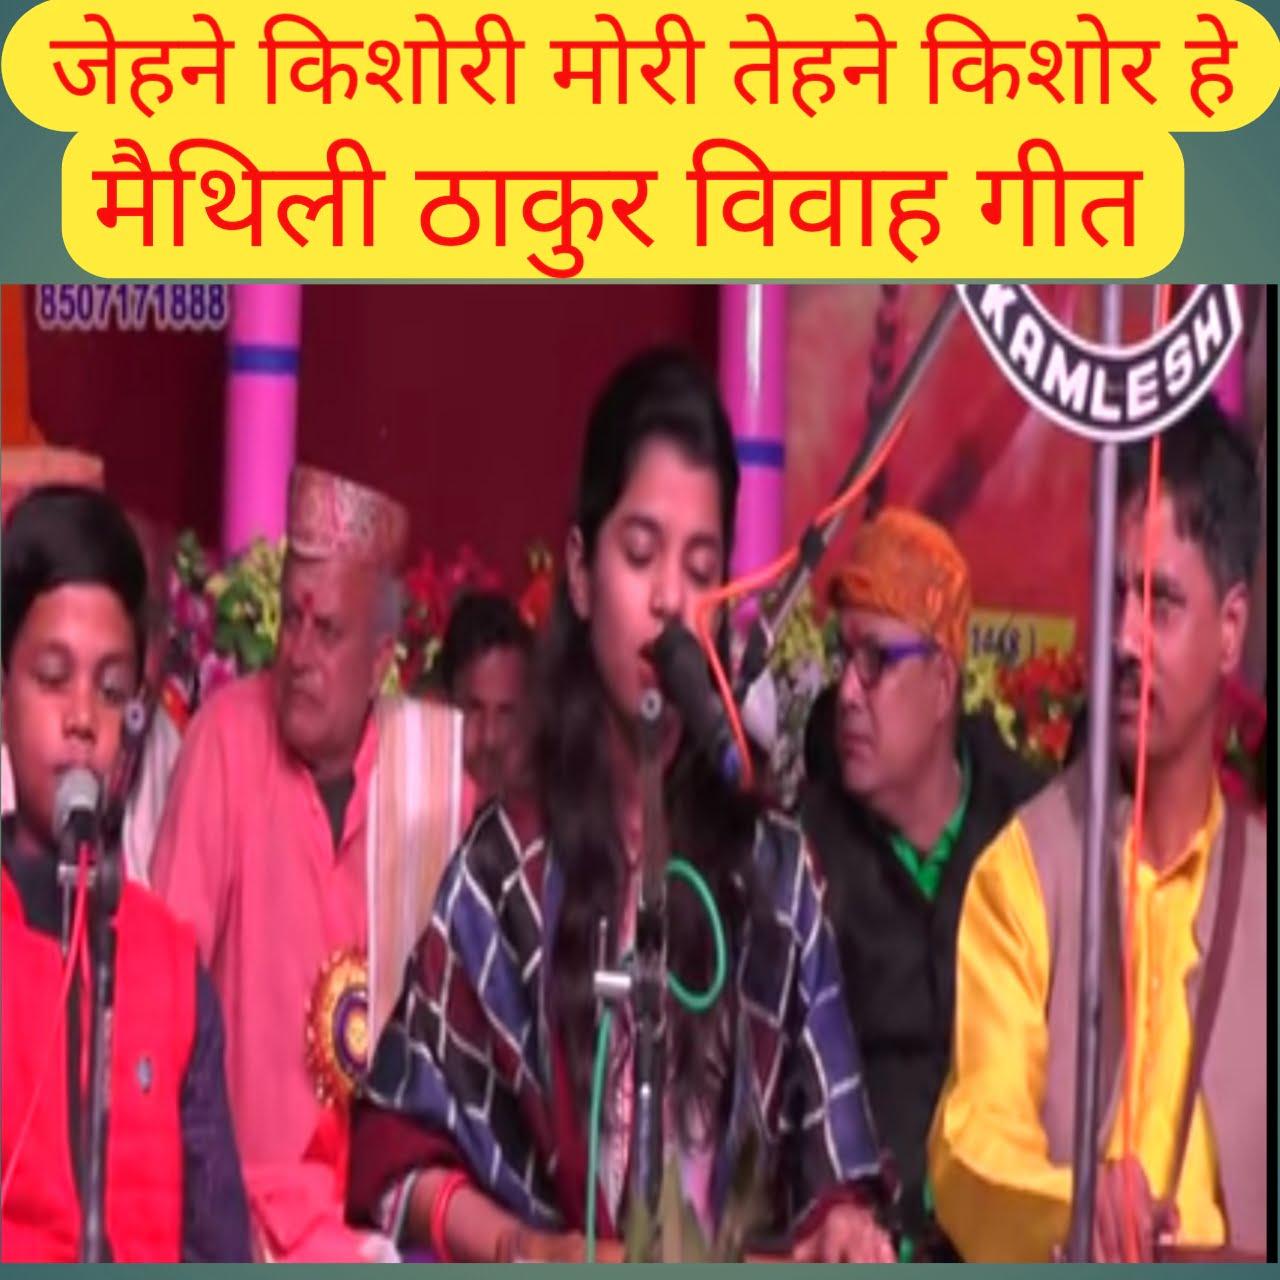 जेहने किशोरी मोरी तेहने किशोर हे, मैथिली ठाकुर विवाह गीत